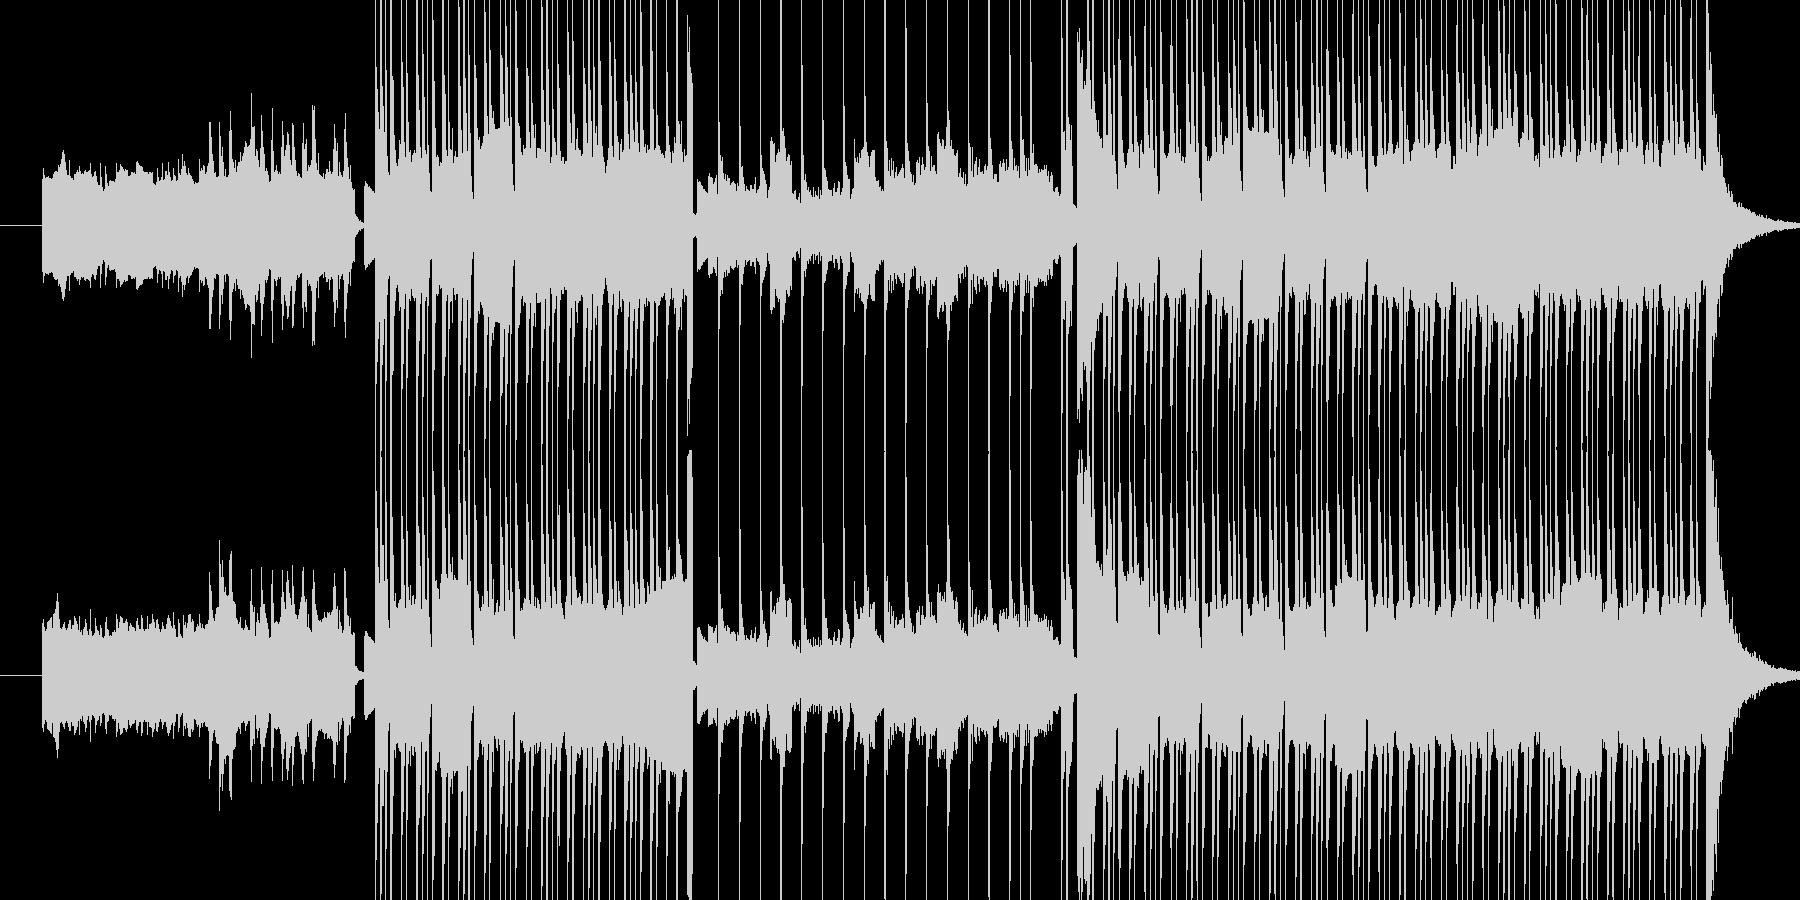 ディストーションギターのリフと、クリス…の未再生の波形